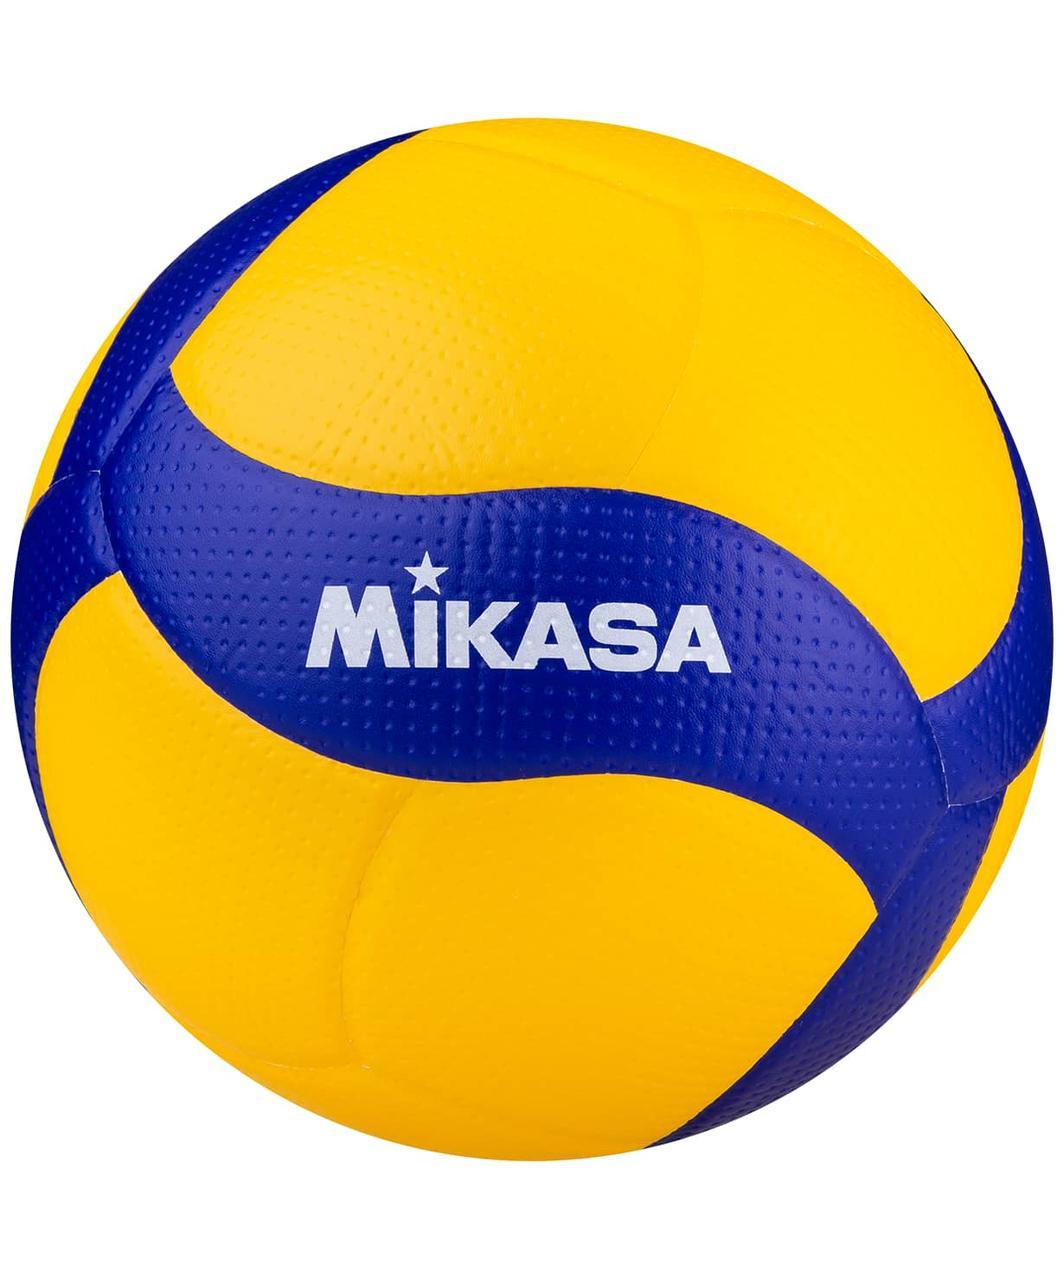 Мяч волейбольный V200W FIVB Appr. Mikasa